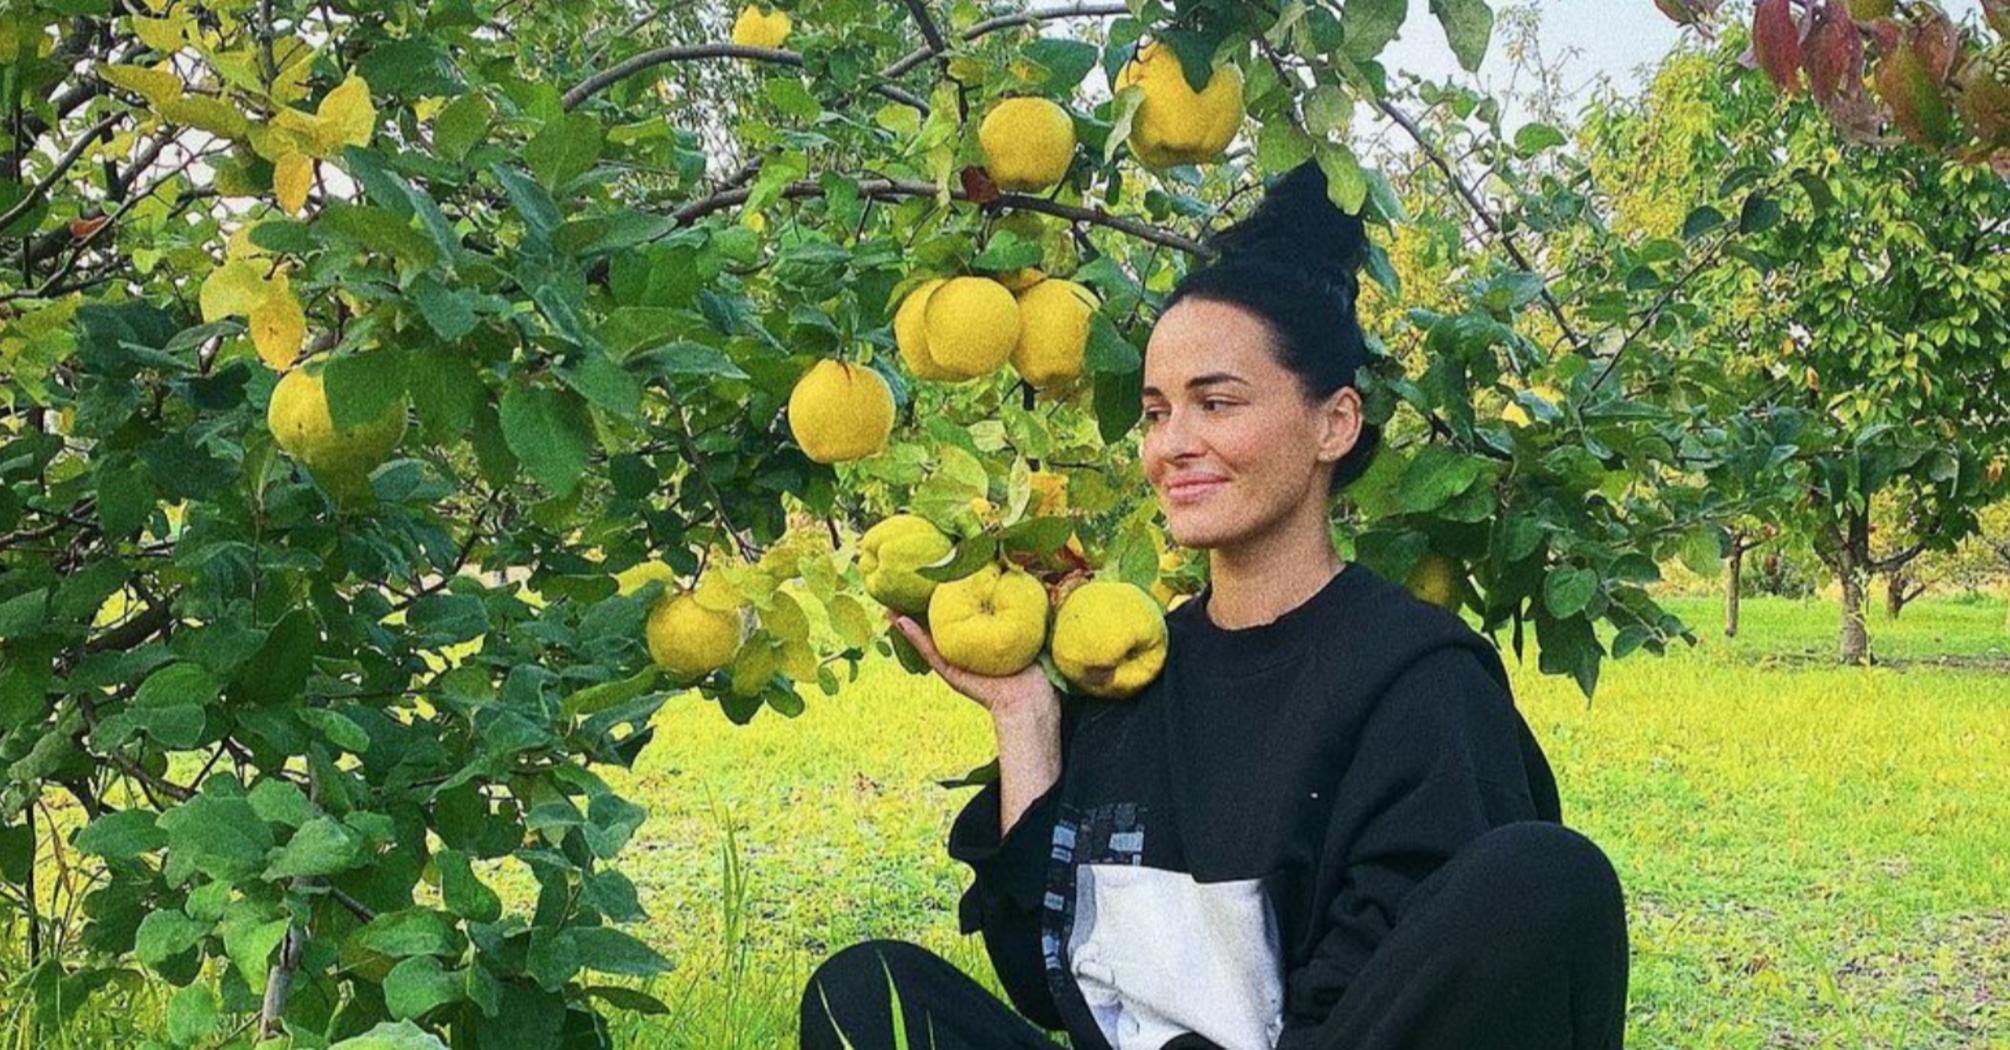 Даша Астафьева порадовала поклонников смелыми фото